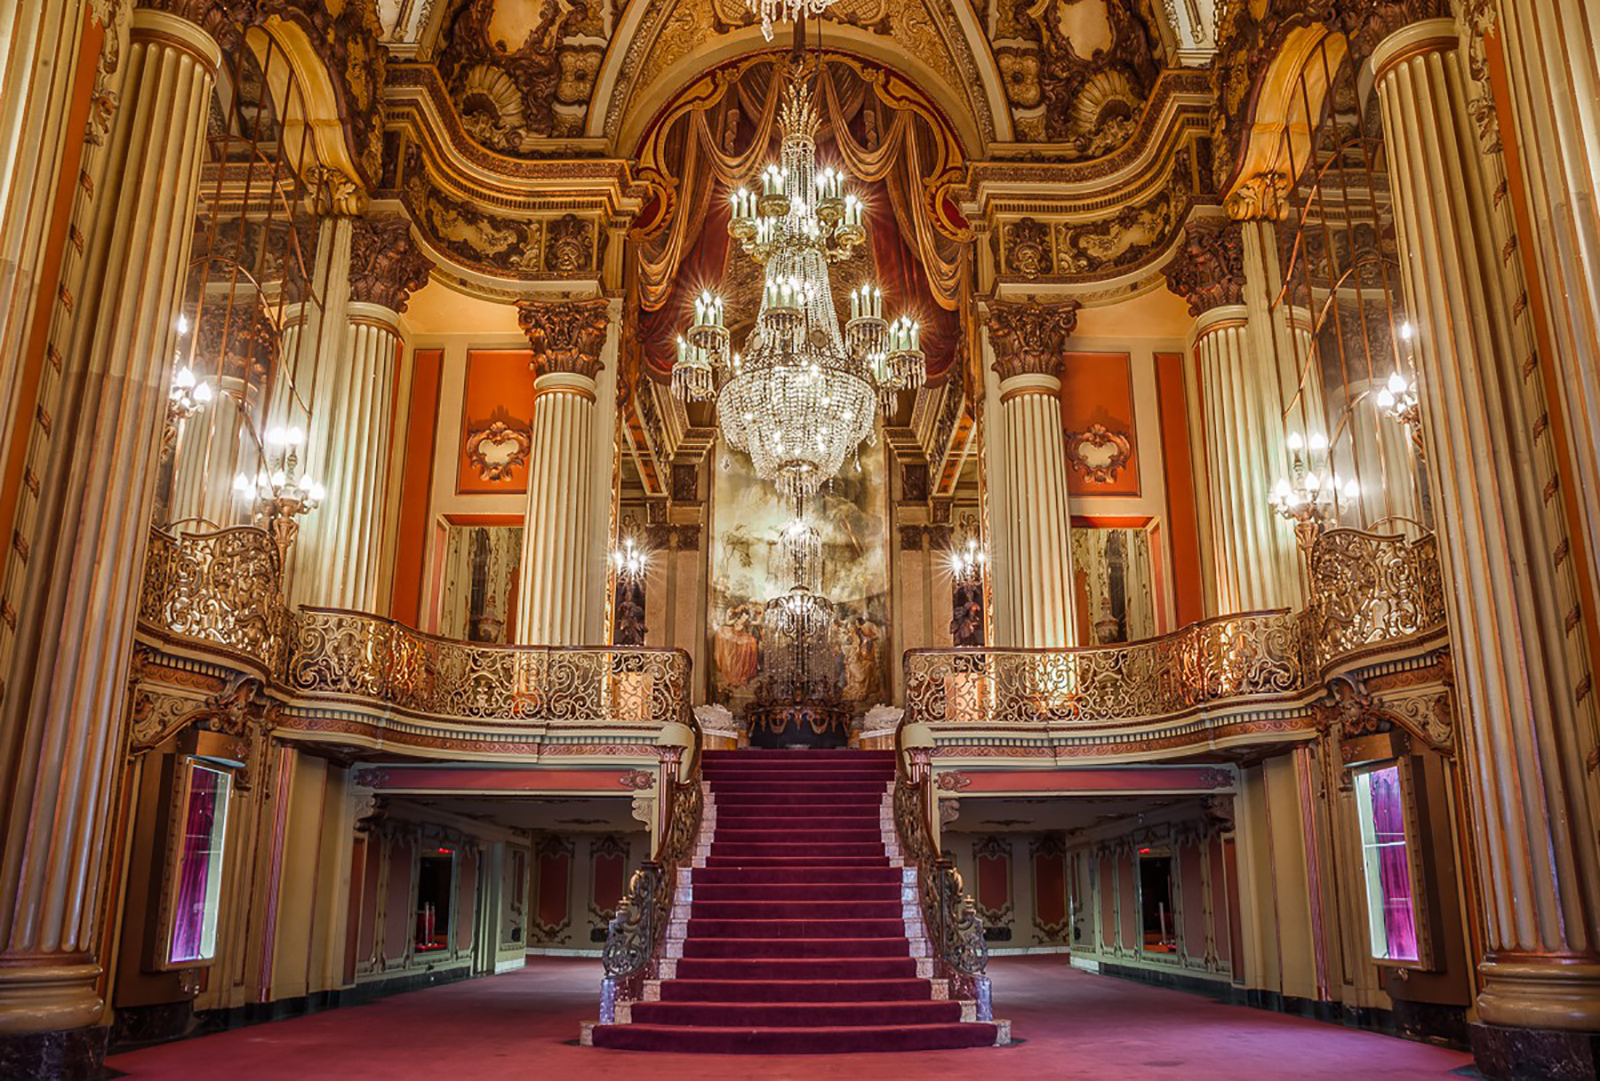 Hail Ceaser set the LA Theatre